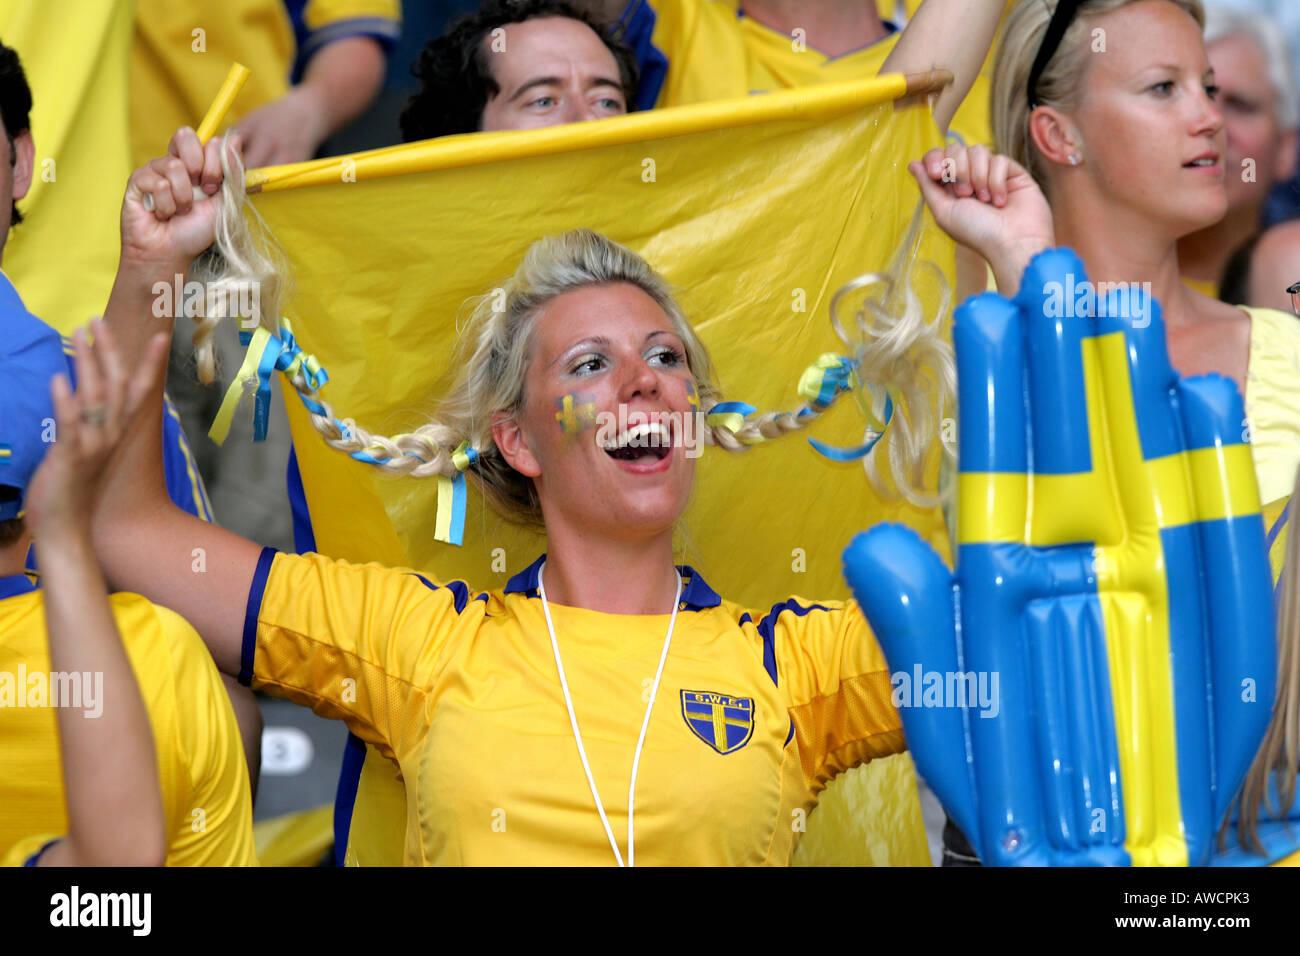 Femme Suedoise une femme chantant dans le ventilateur suédoise foule pendant la